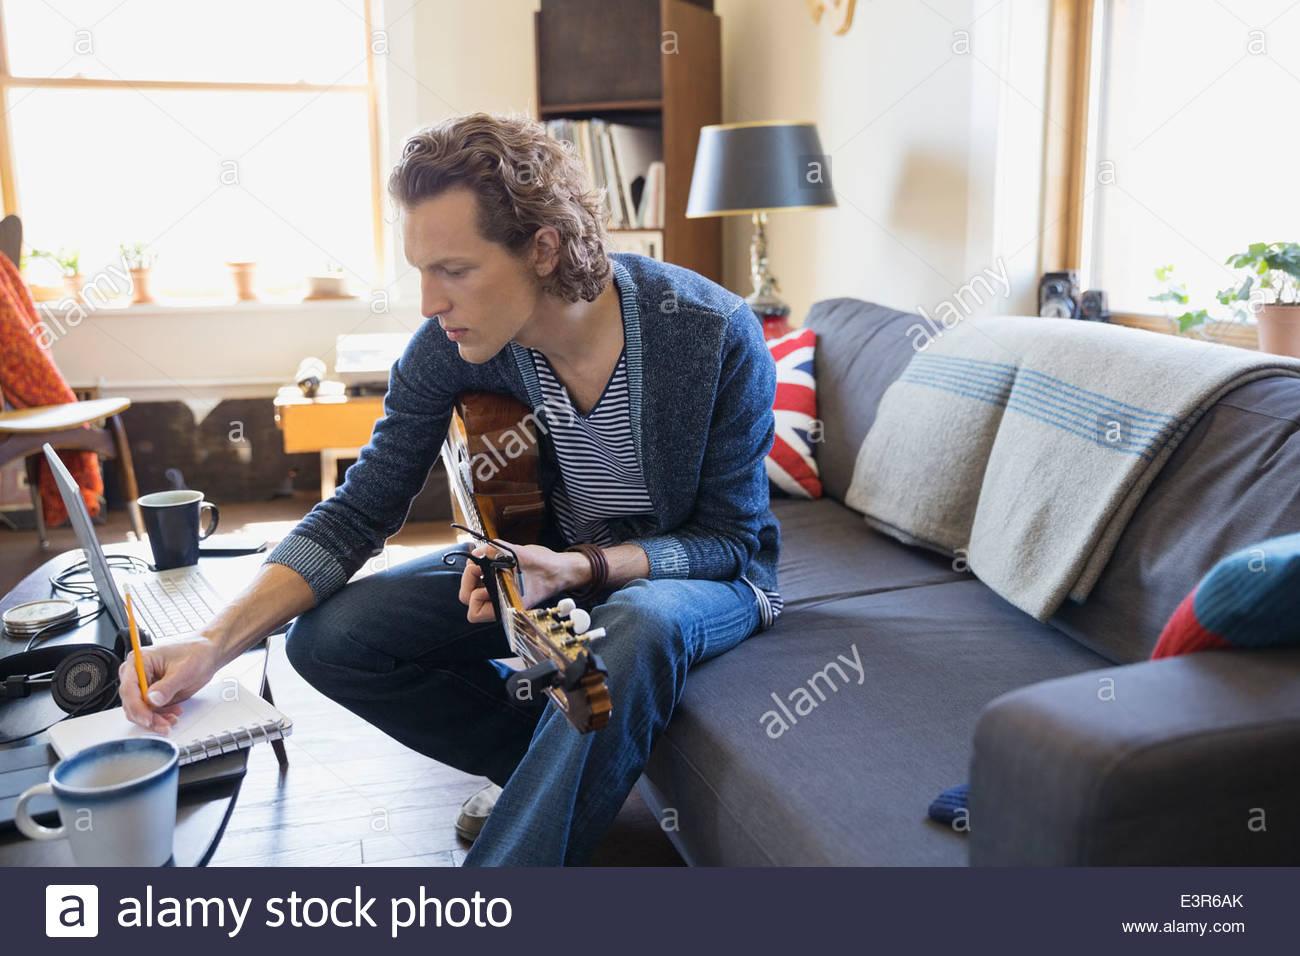 Musiker Mit Gitarre Musik Im Wohnzimmer Zu Schreiben